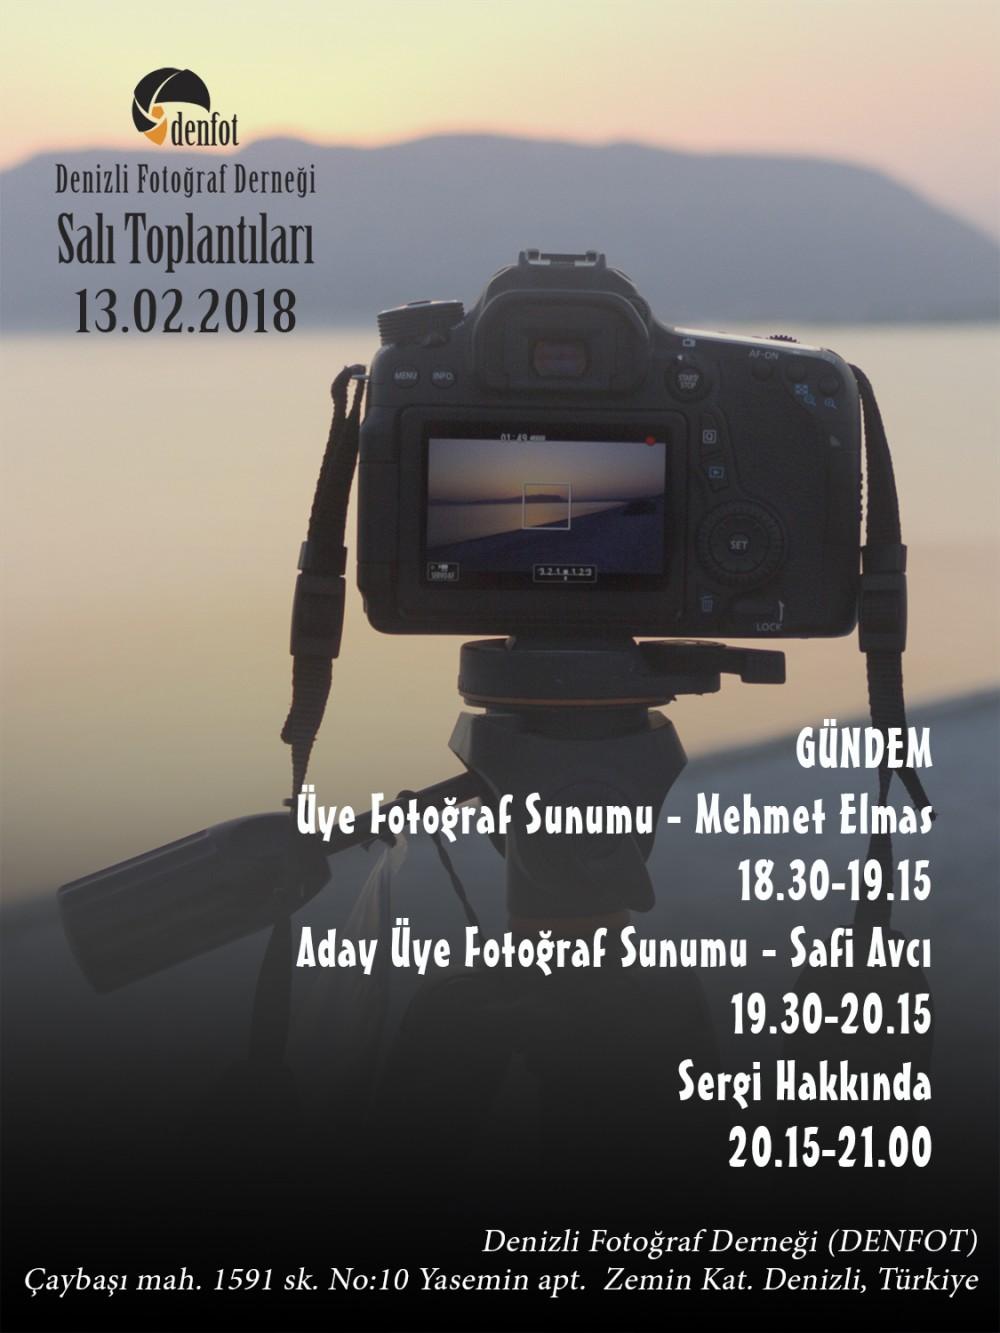 Denizli Fotoğraf Derneği 13.02.2018 Haftalık Programı